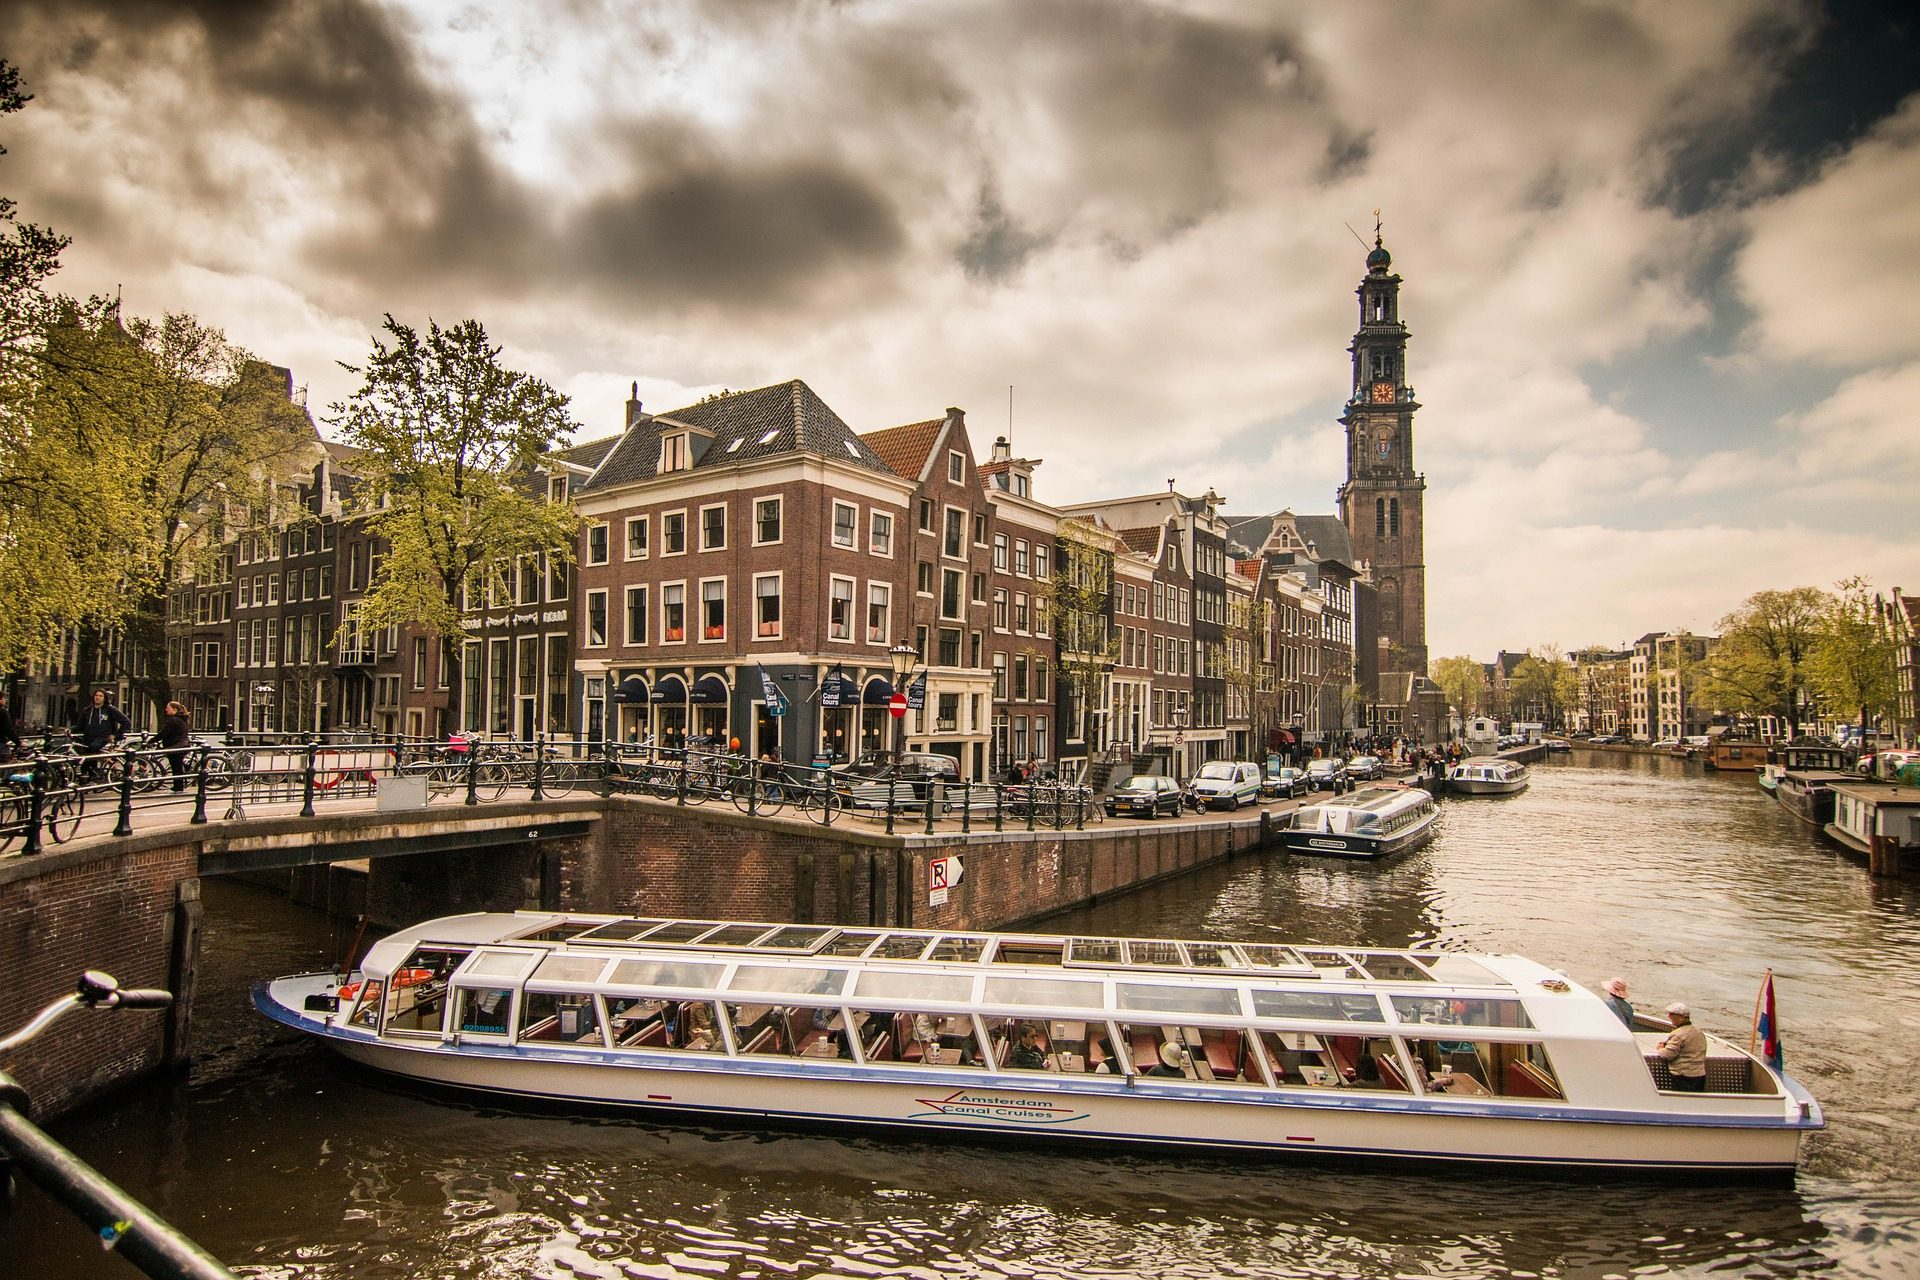 Πόλη, βάρκα, κανάλια, Ποταμός, νεφελώδης, Άμστερνταμ - Wallpapers HD - Professor-falken.com